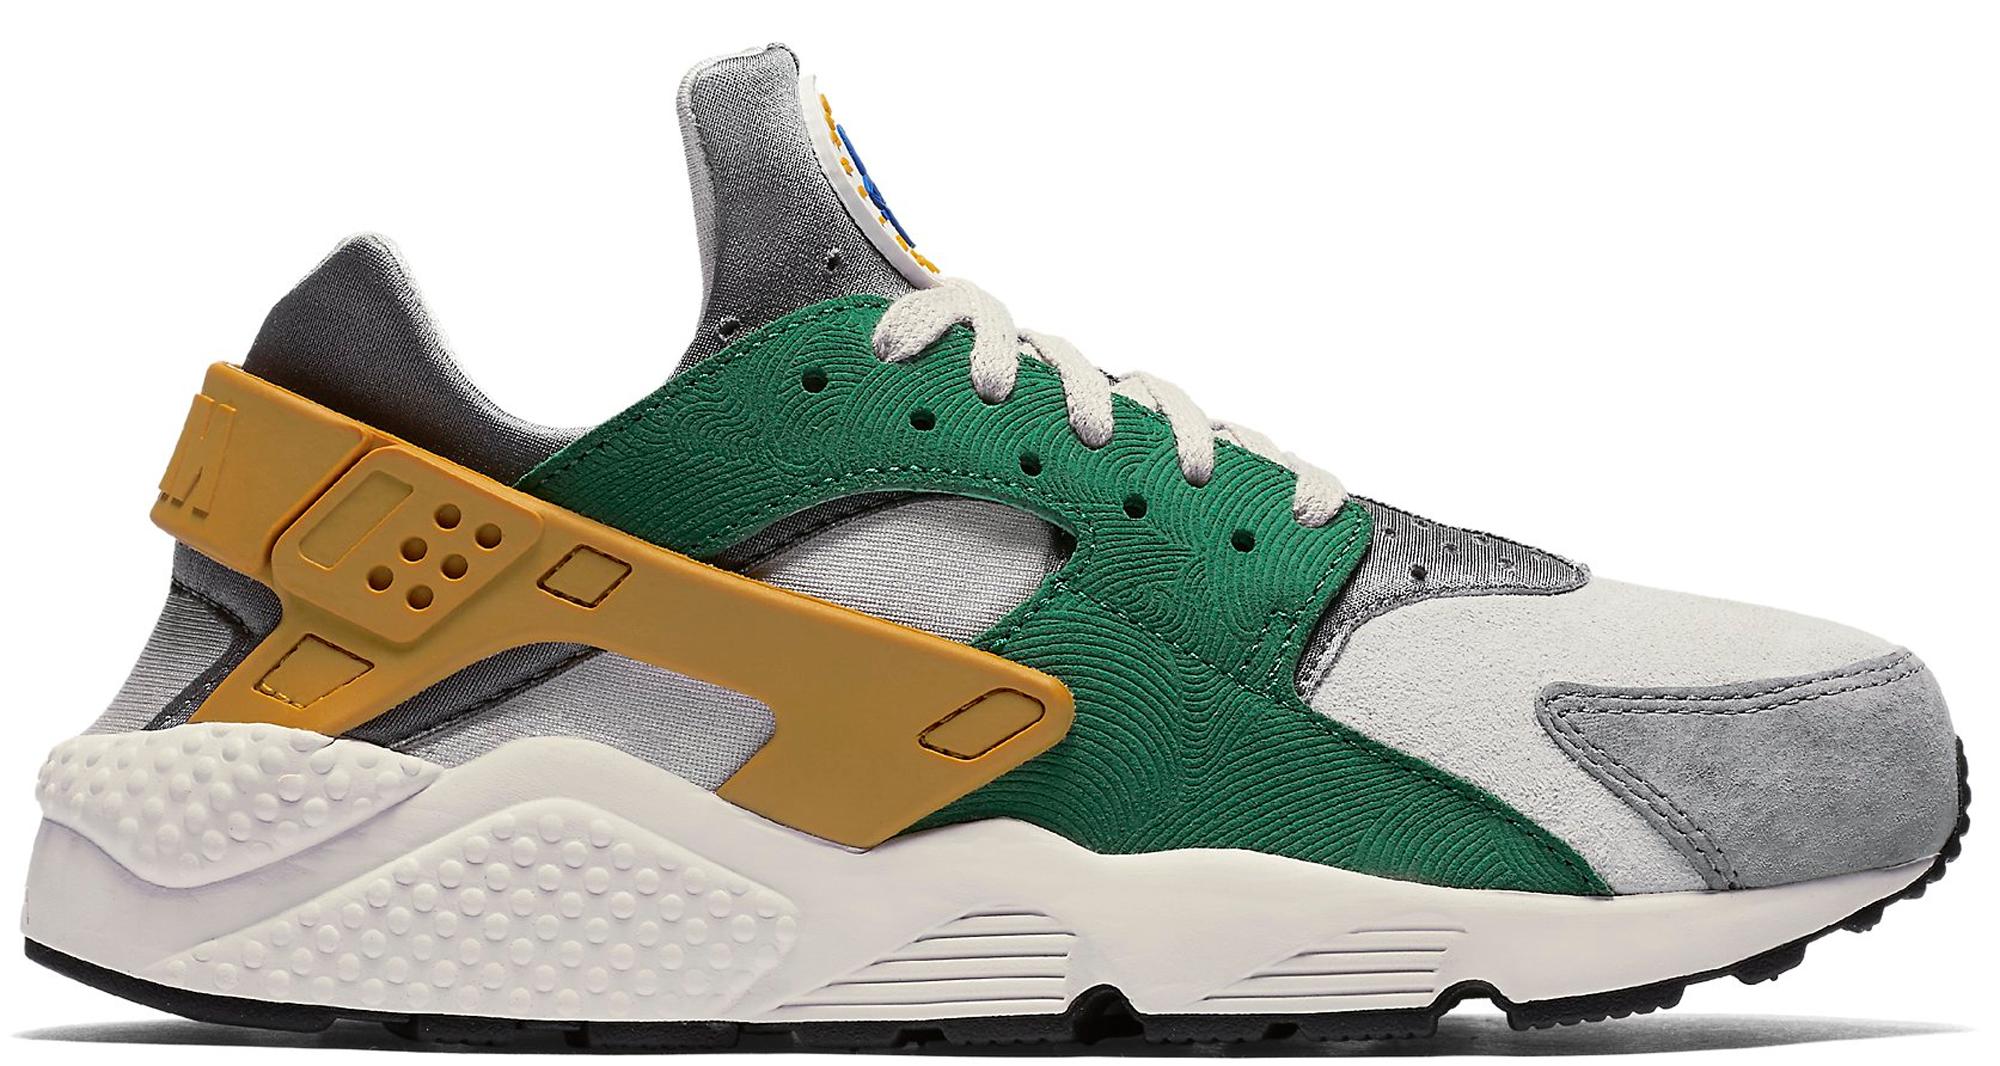 Nike Air Huarache Run Pine Green Gold